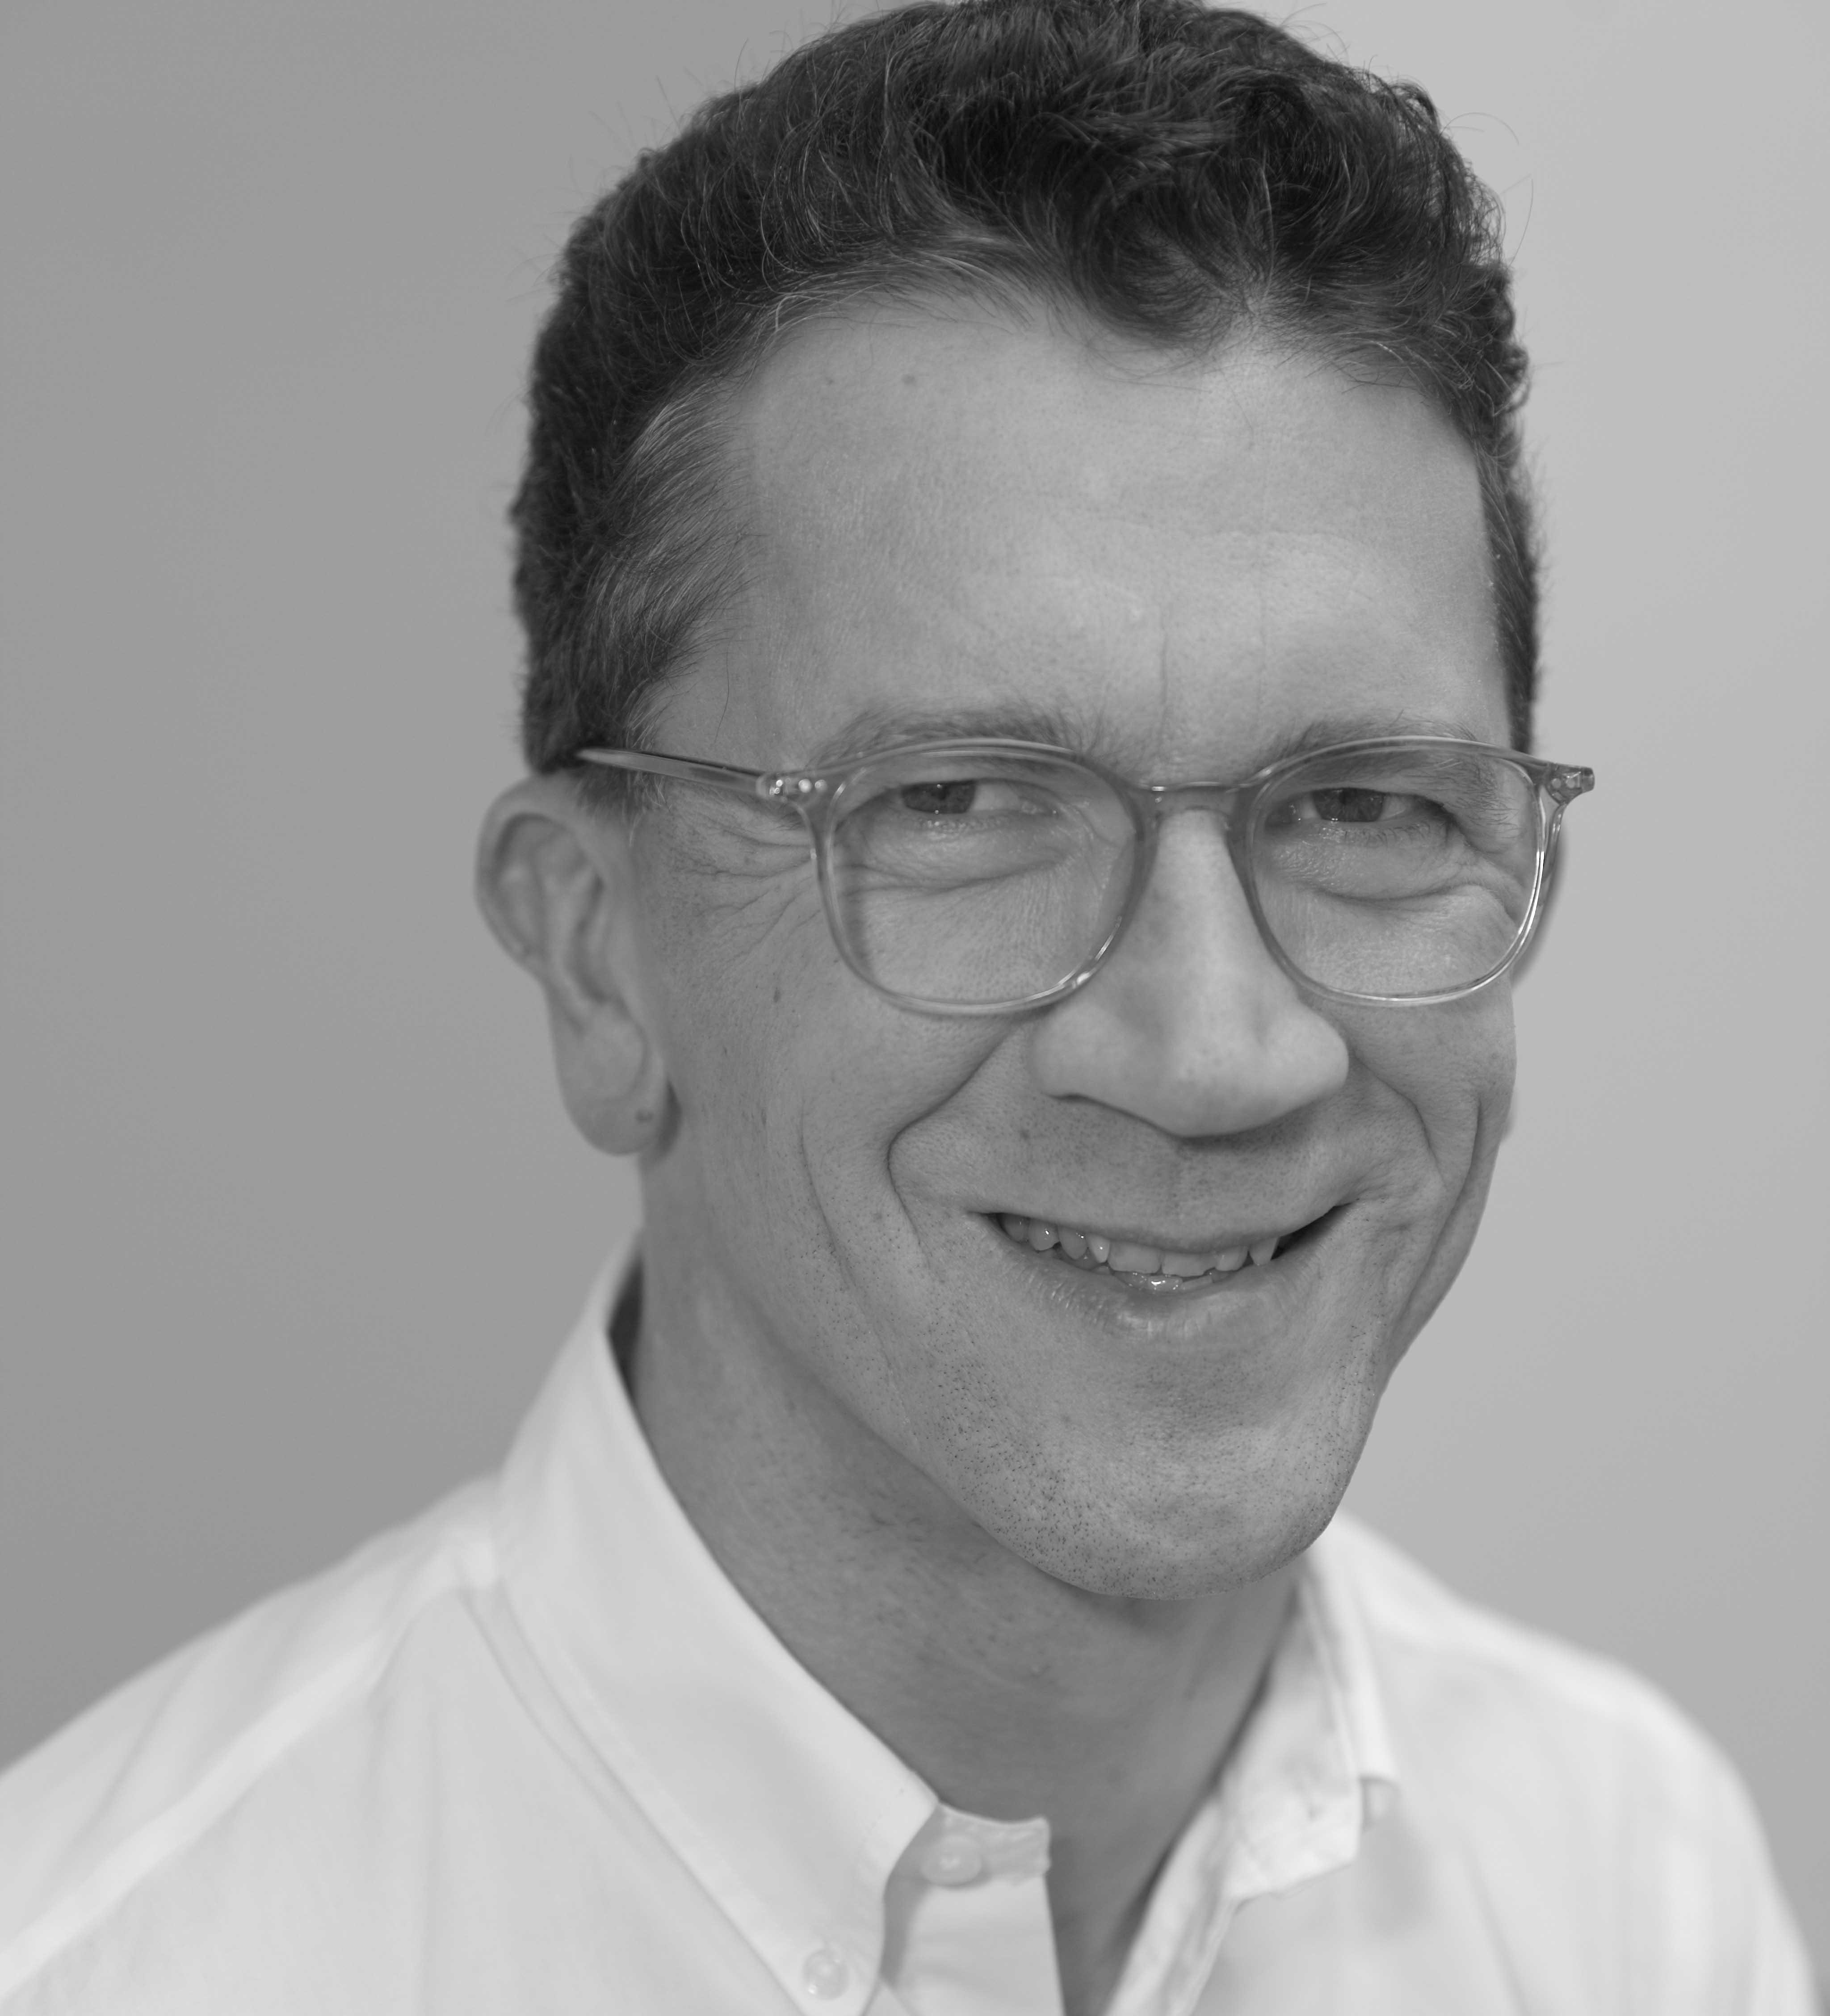 Stefan Meck